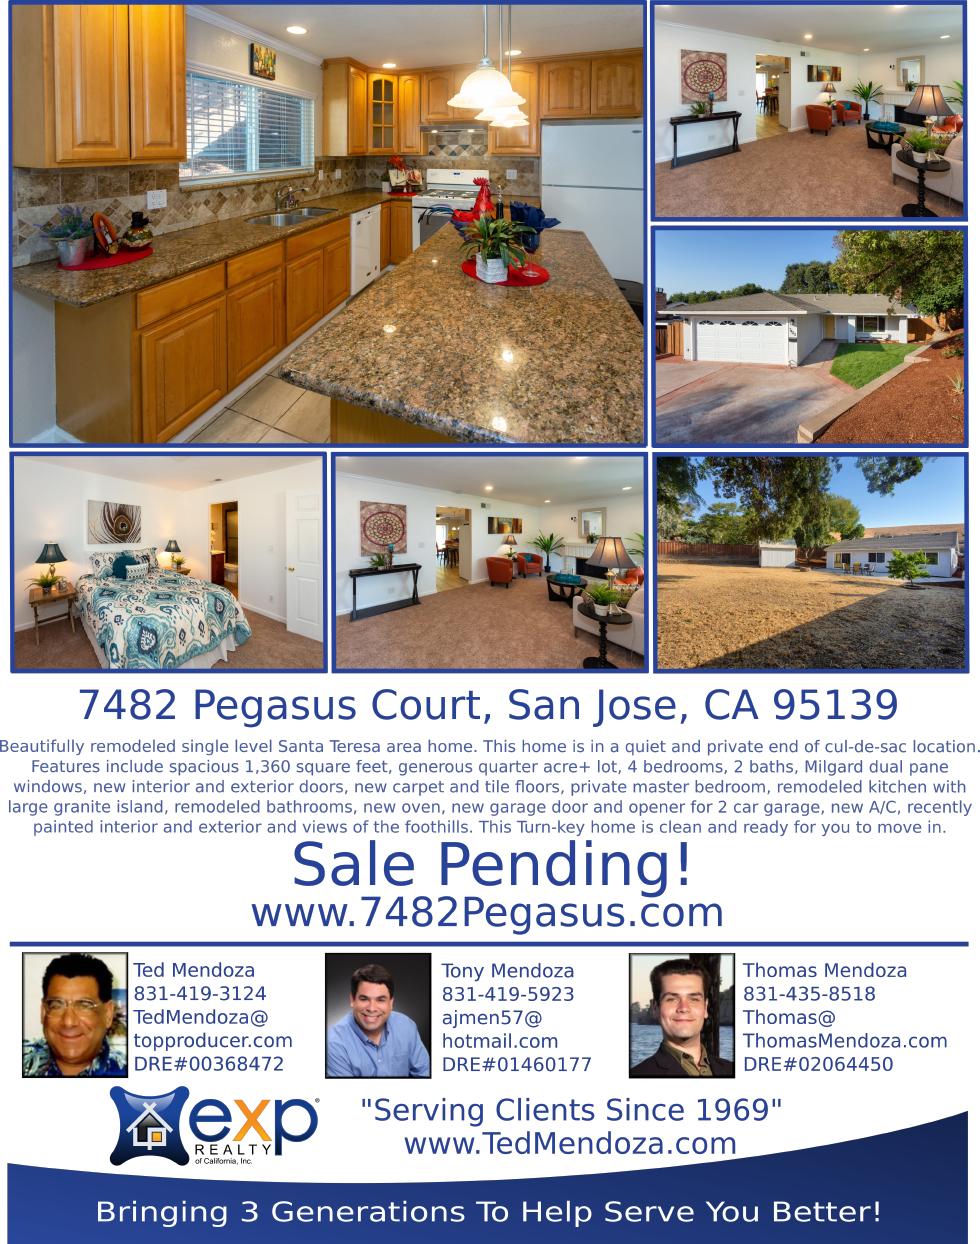 7482 Pegasus Court, San Jose CA